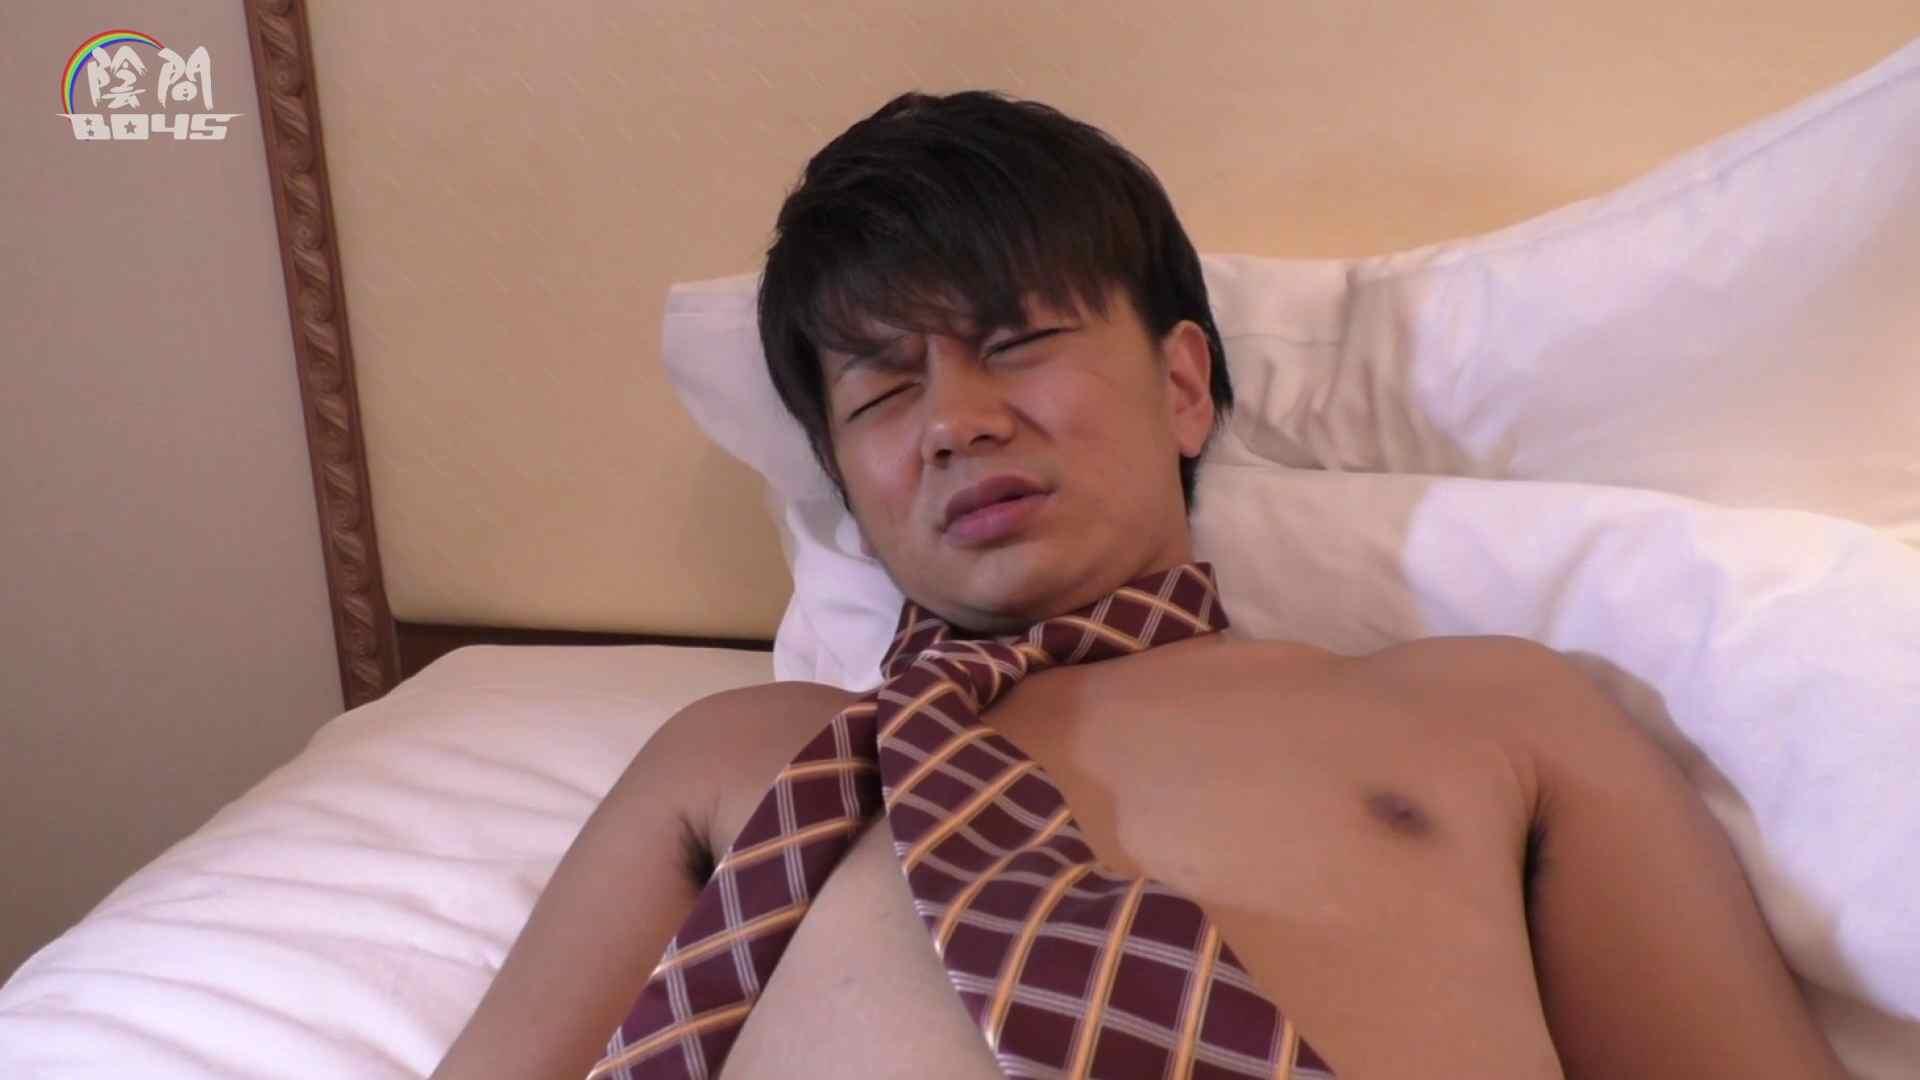 陰間BOYS~キャバクラの仕事はアナルから4 Vol.03 エッチ ゲイ無修正ビデオ画像 93枚 46